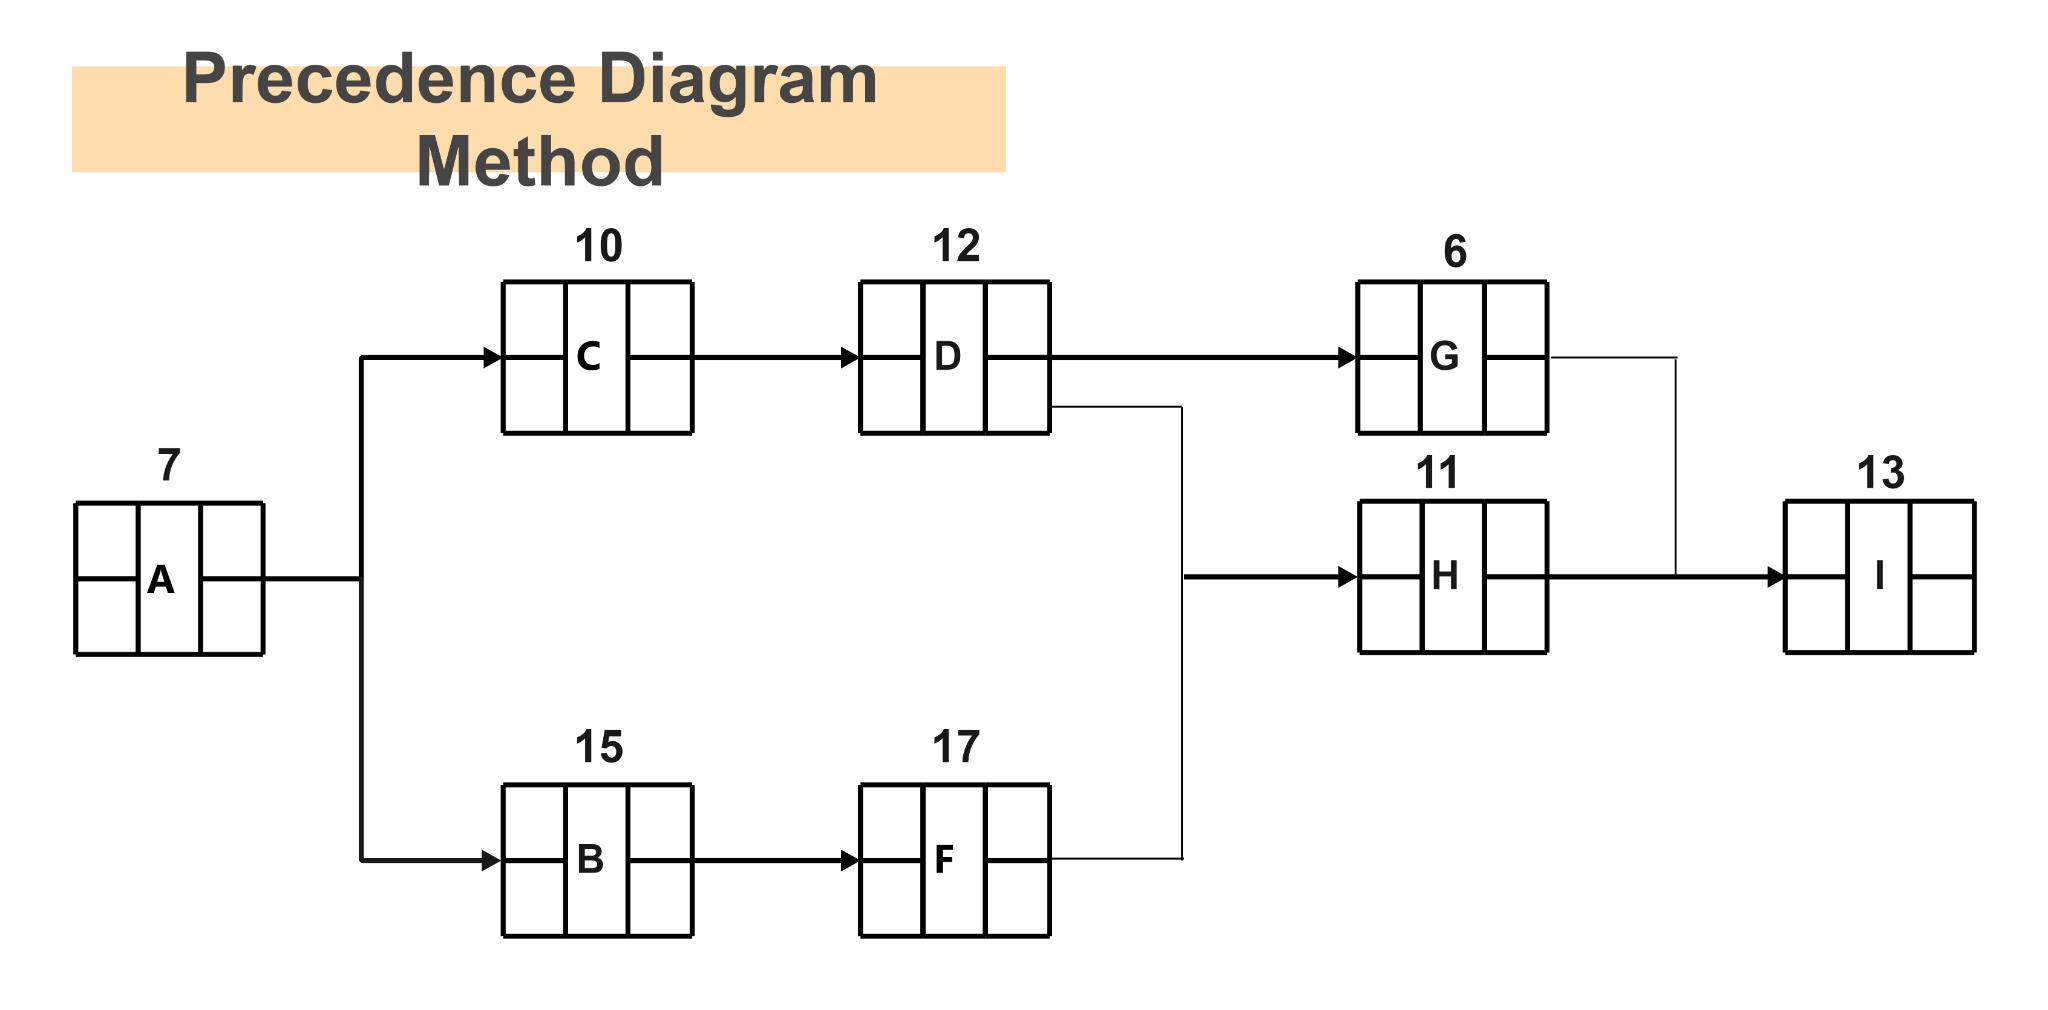 Examples of Precedence Diagram